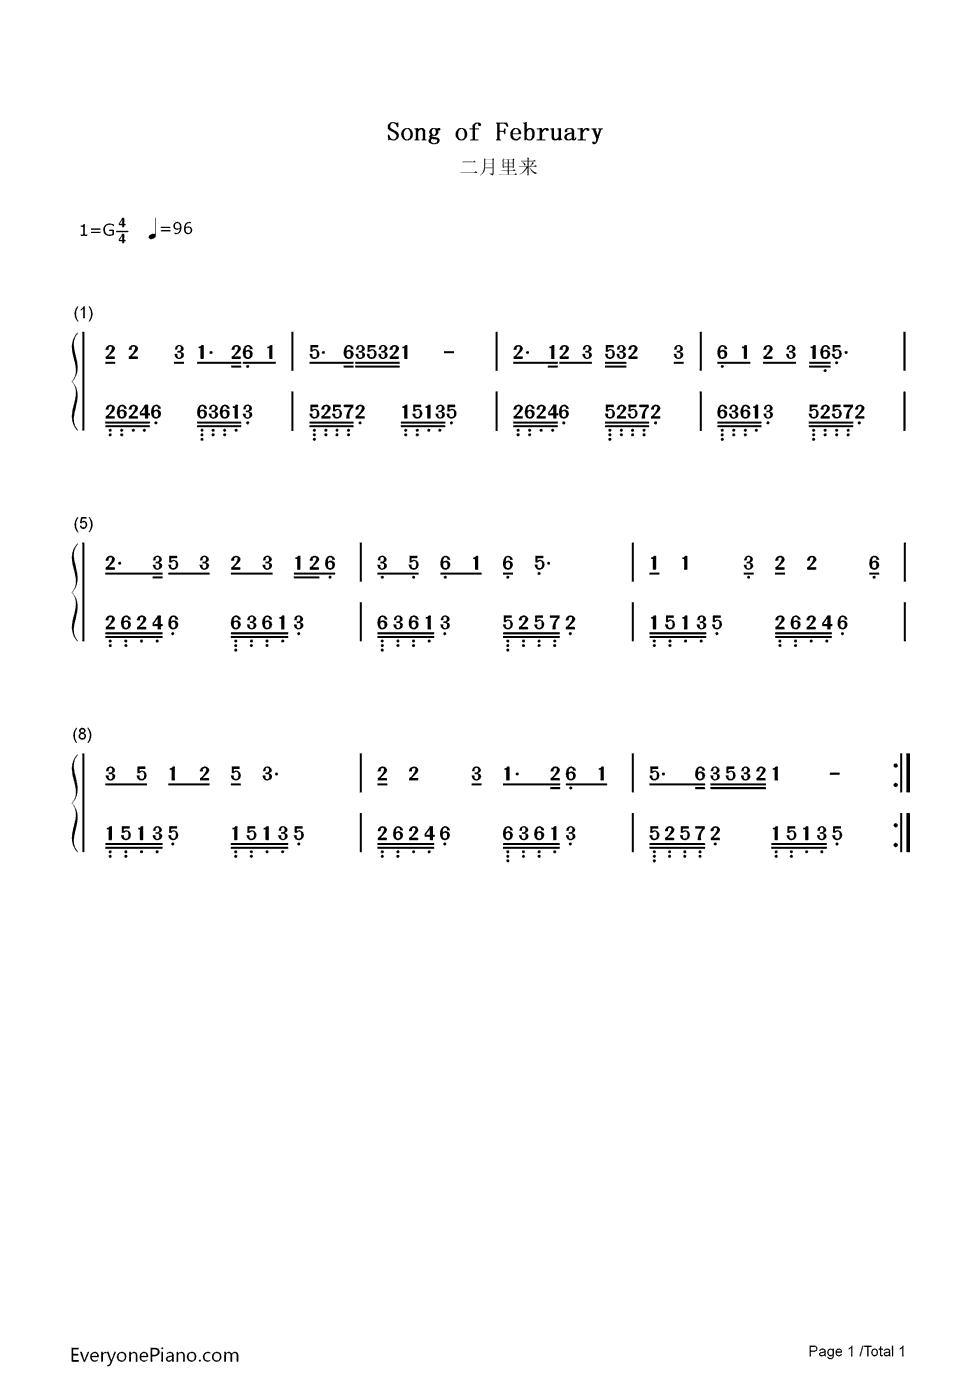 钢琴曲二月里来左手简谱吗图片